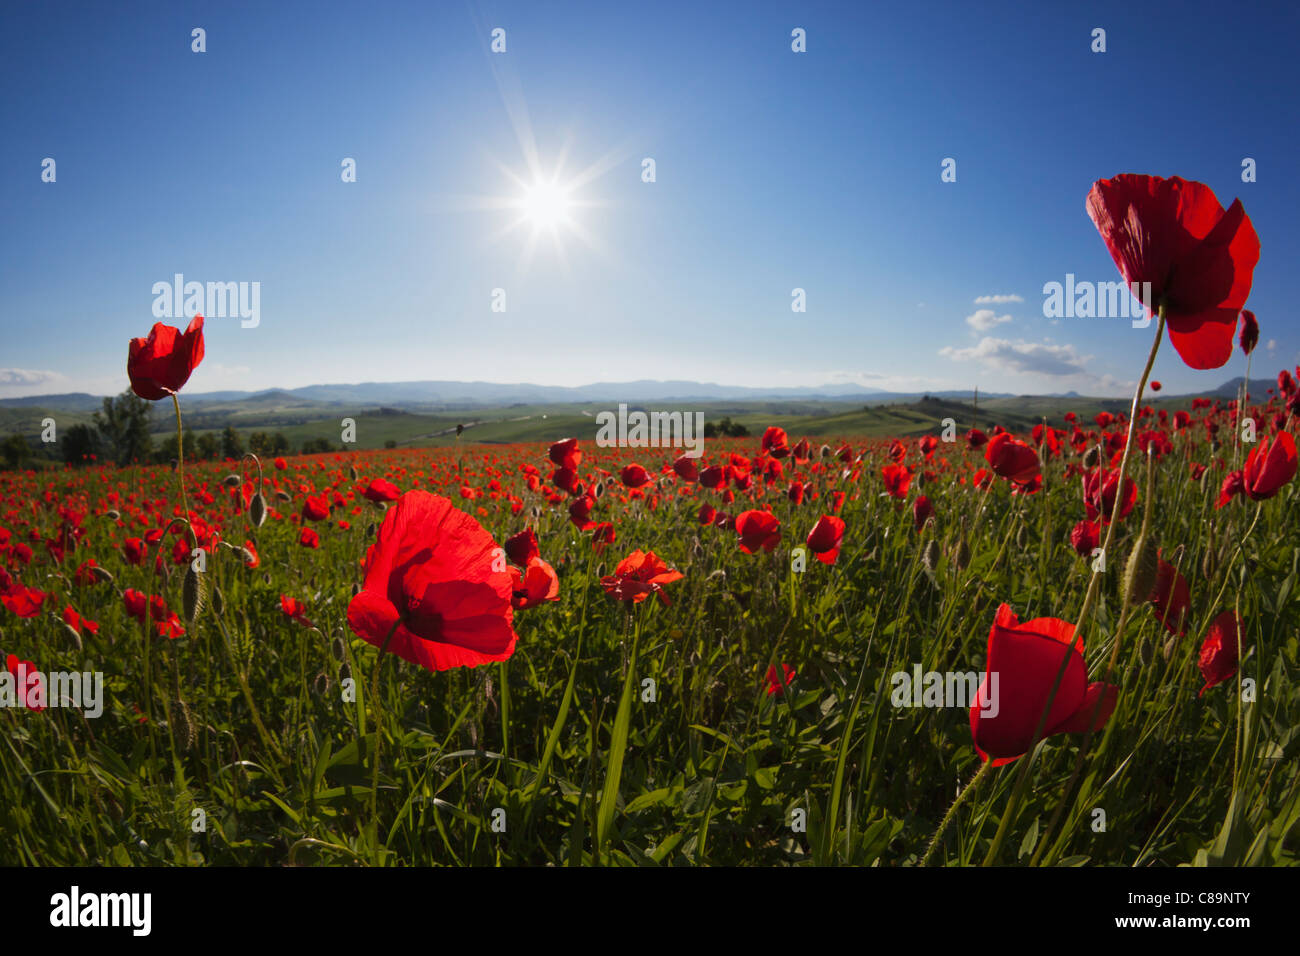 Italia, Toscana, Creta, Vista de campo de amapolas rojas al amanecer. Foto de stock